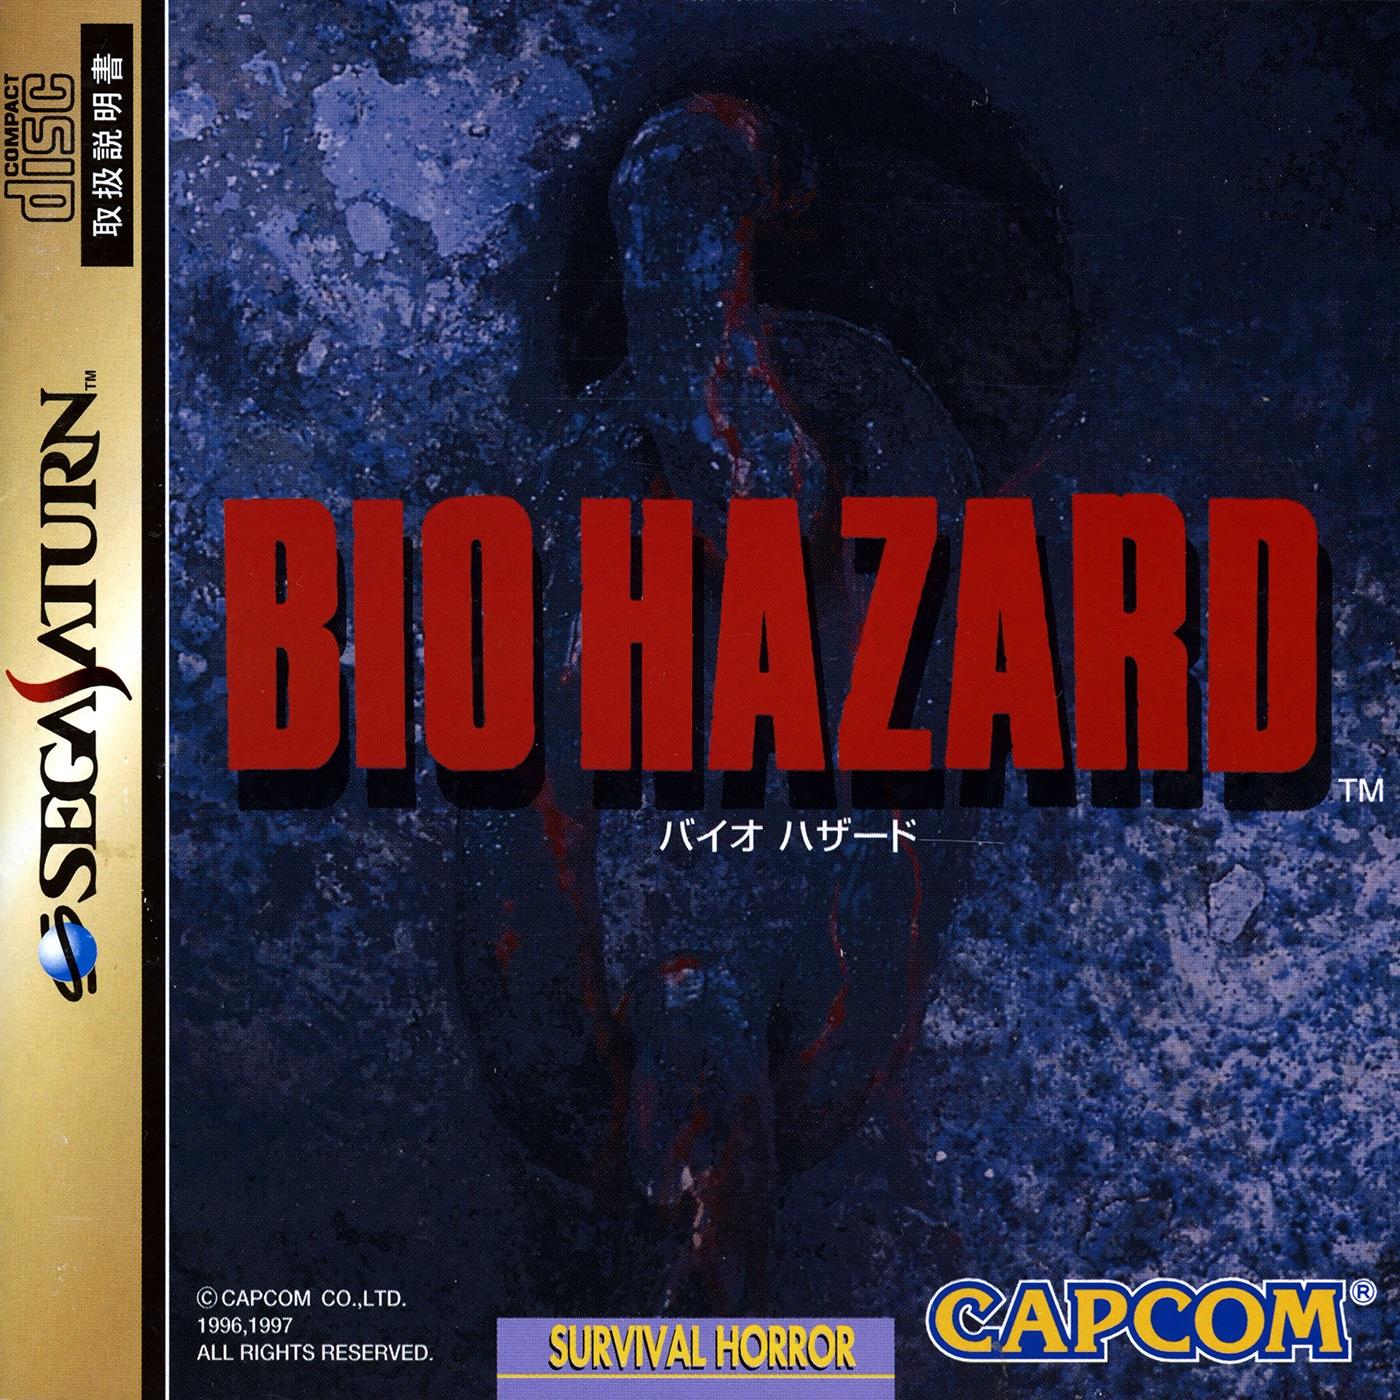 Biohazard SS.jpg